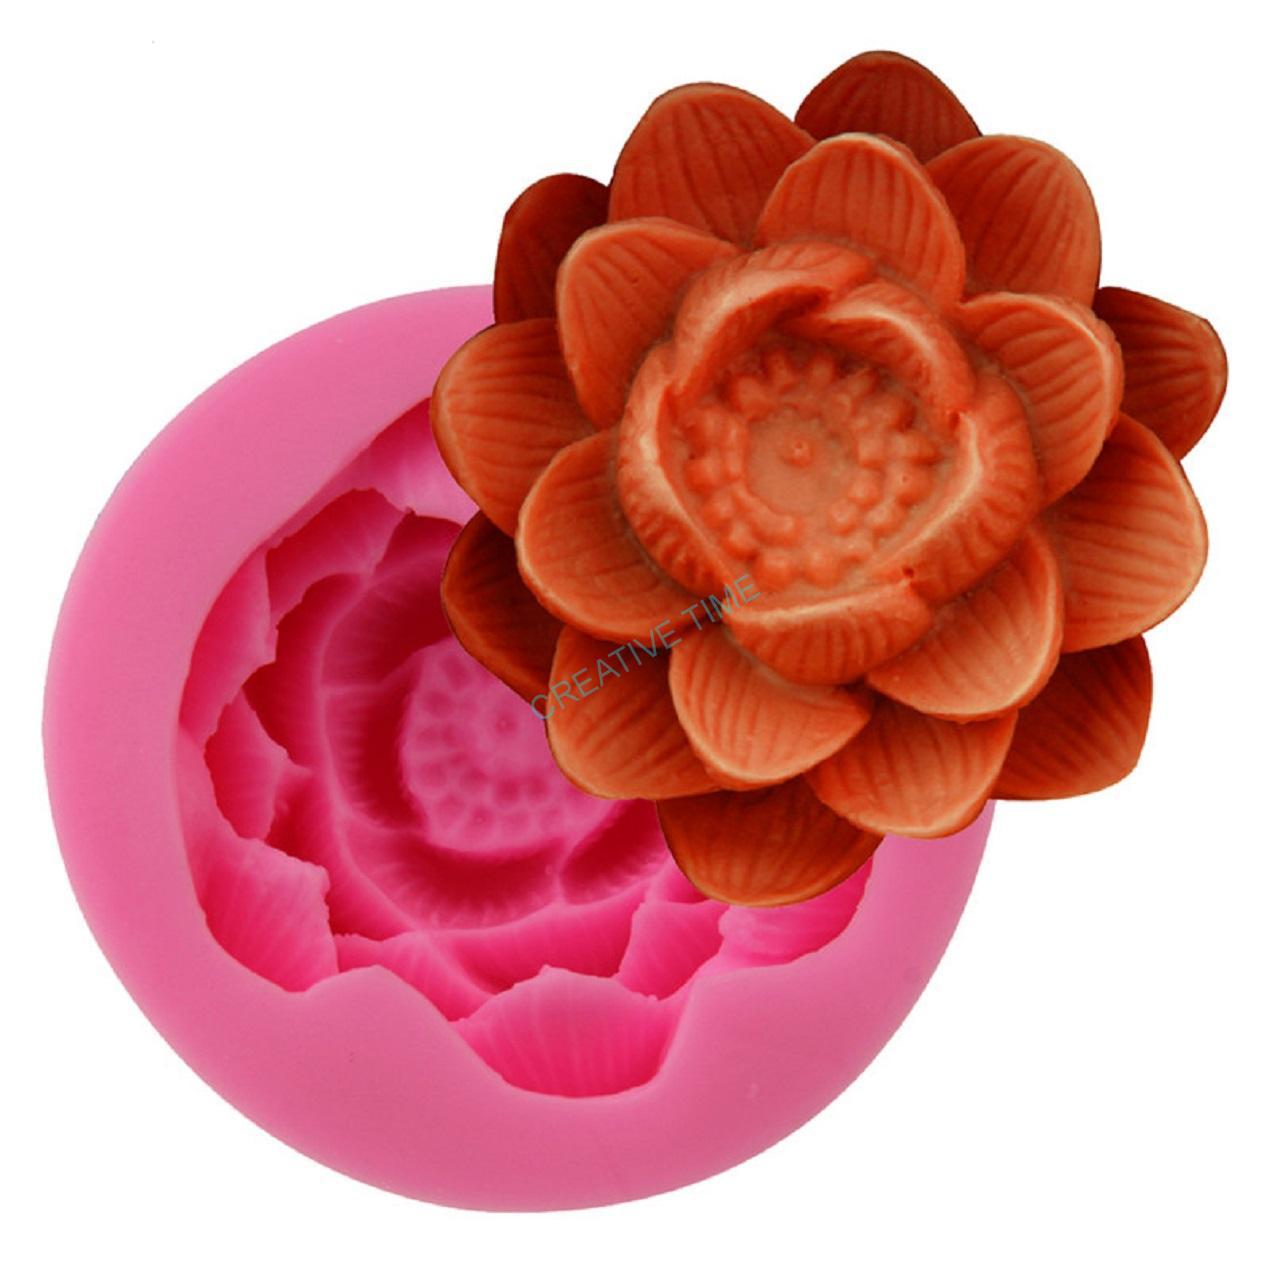 e90e74e0831e Silikónová forma kvet lotos veľký - č.34